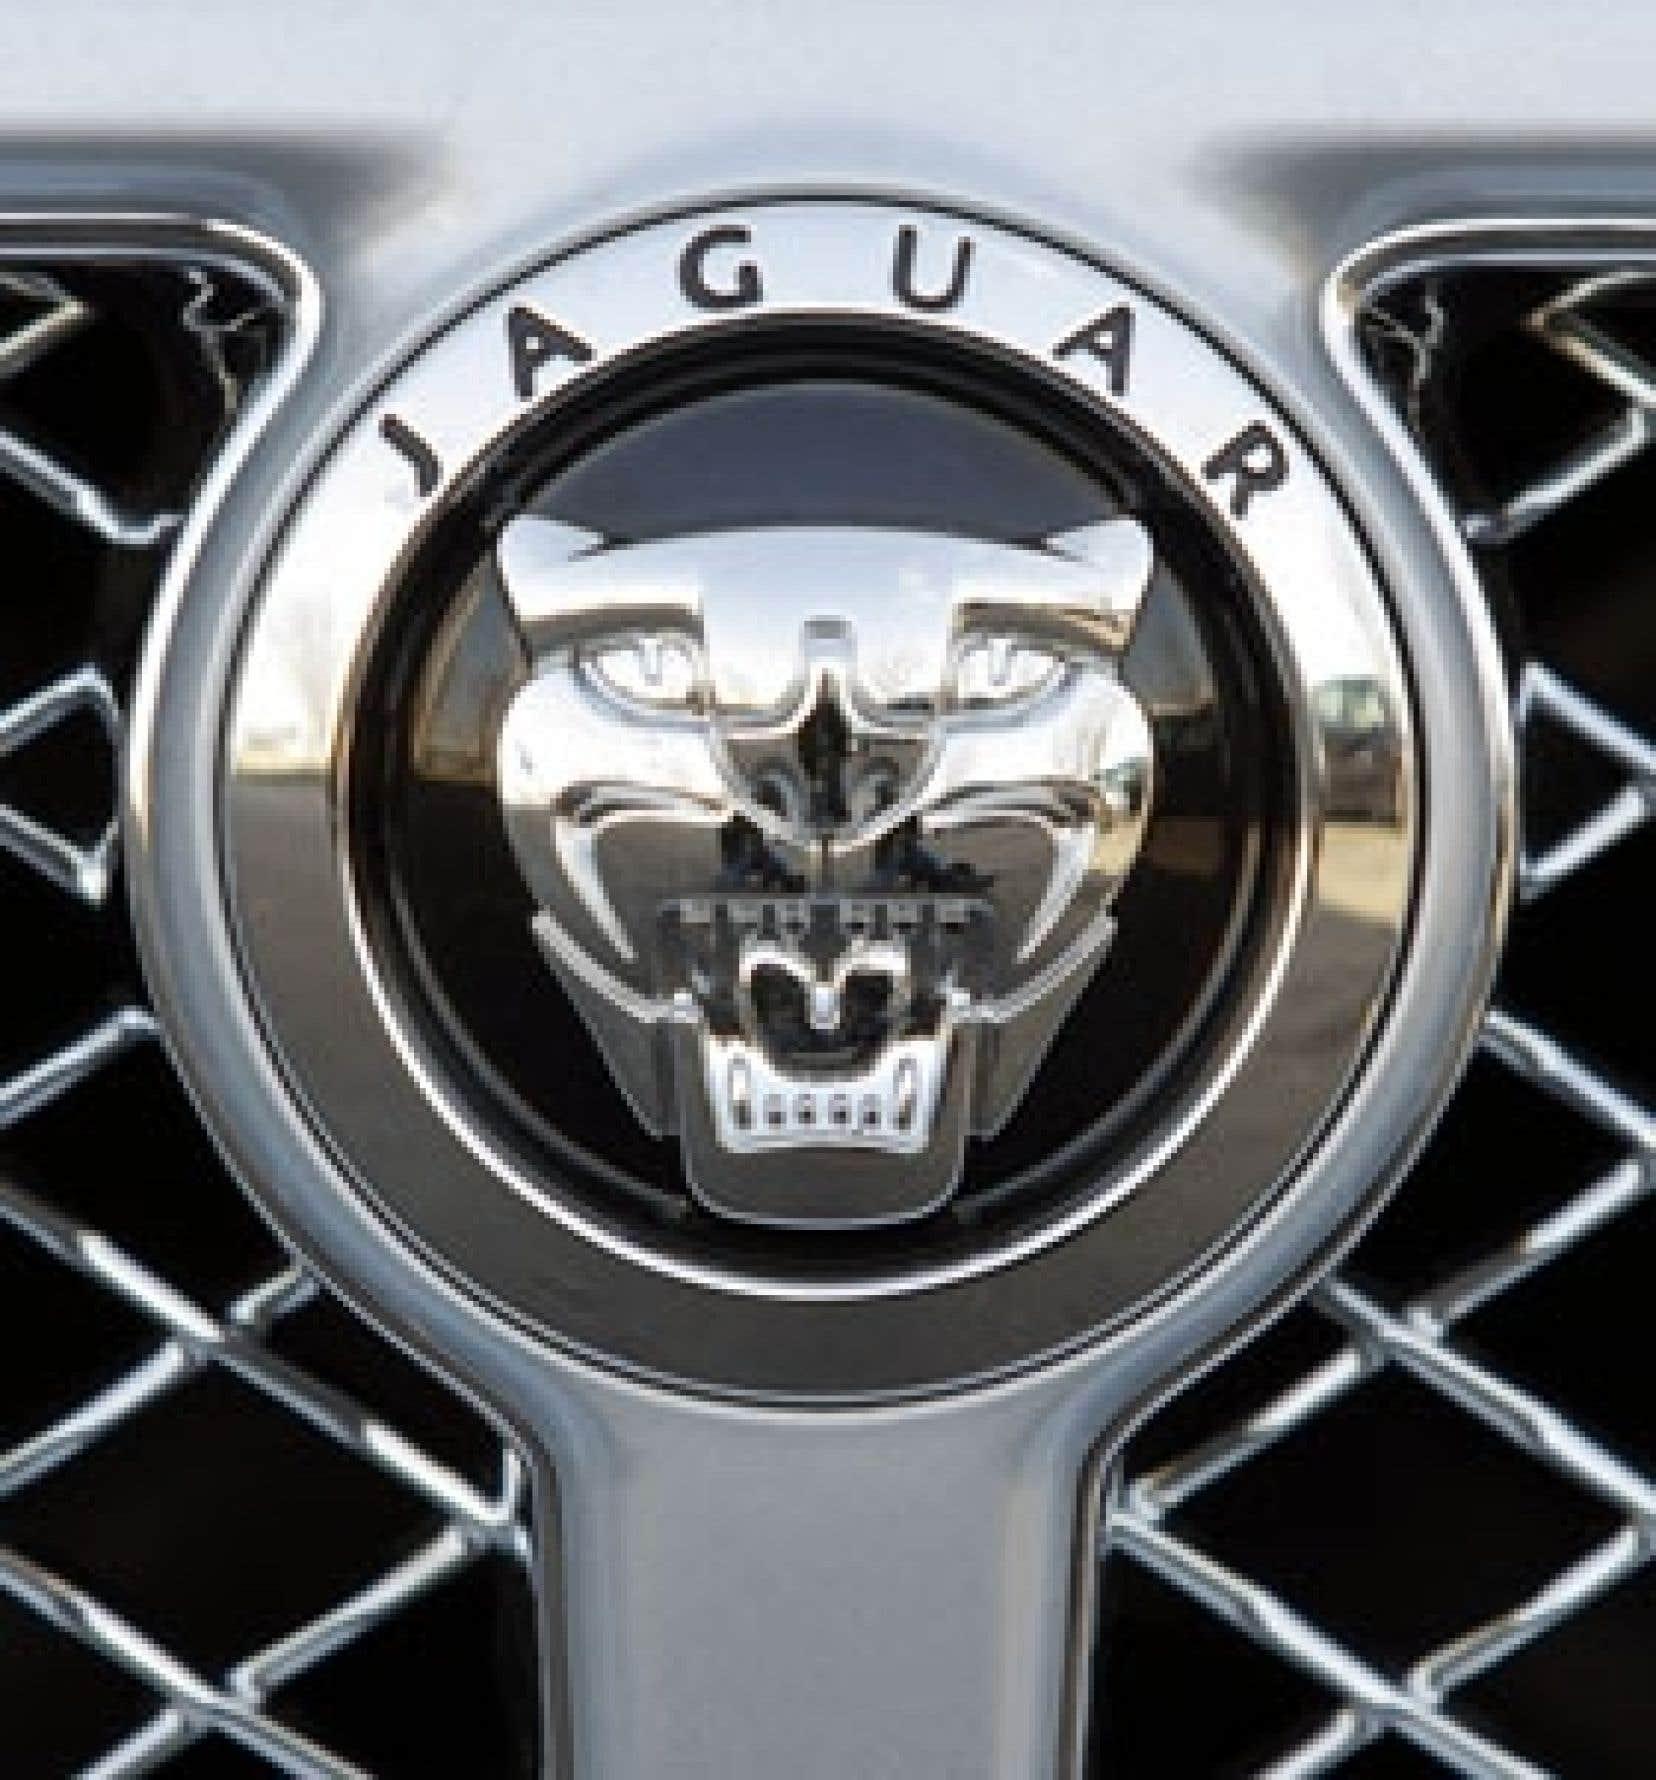 Ford a vendu hier Jaguar et Land Rover au groupe indien Tata pour 2,3 milliards de dollars. C'est le tiers du prix d'achat, le constructeur ayant acheté Jaguar en 1989 pour 2,5 milliards et Land Rover en 2000 pour 2,6 milliards.